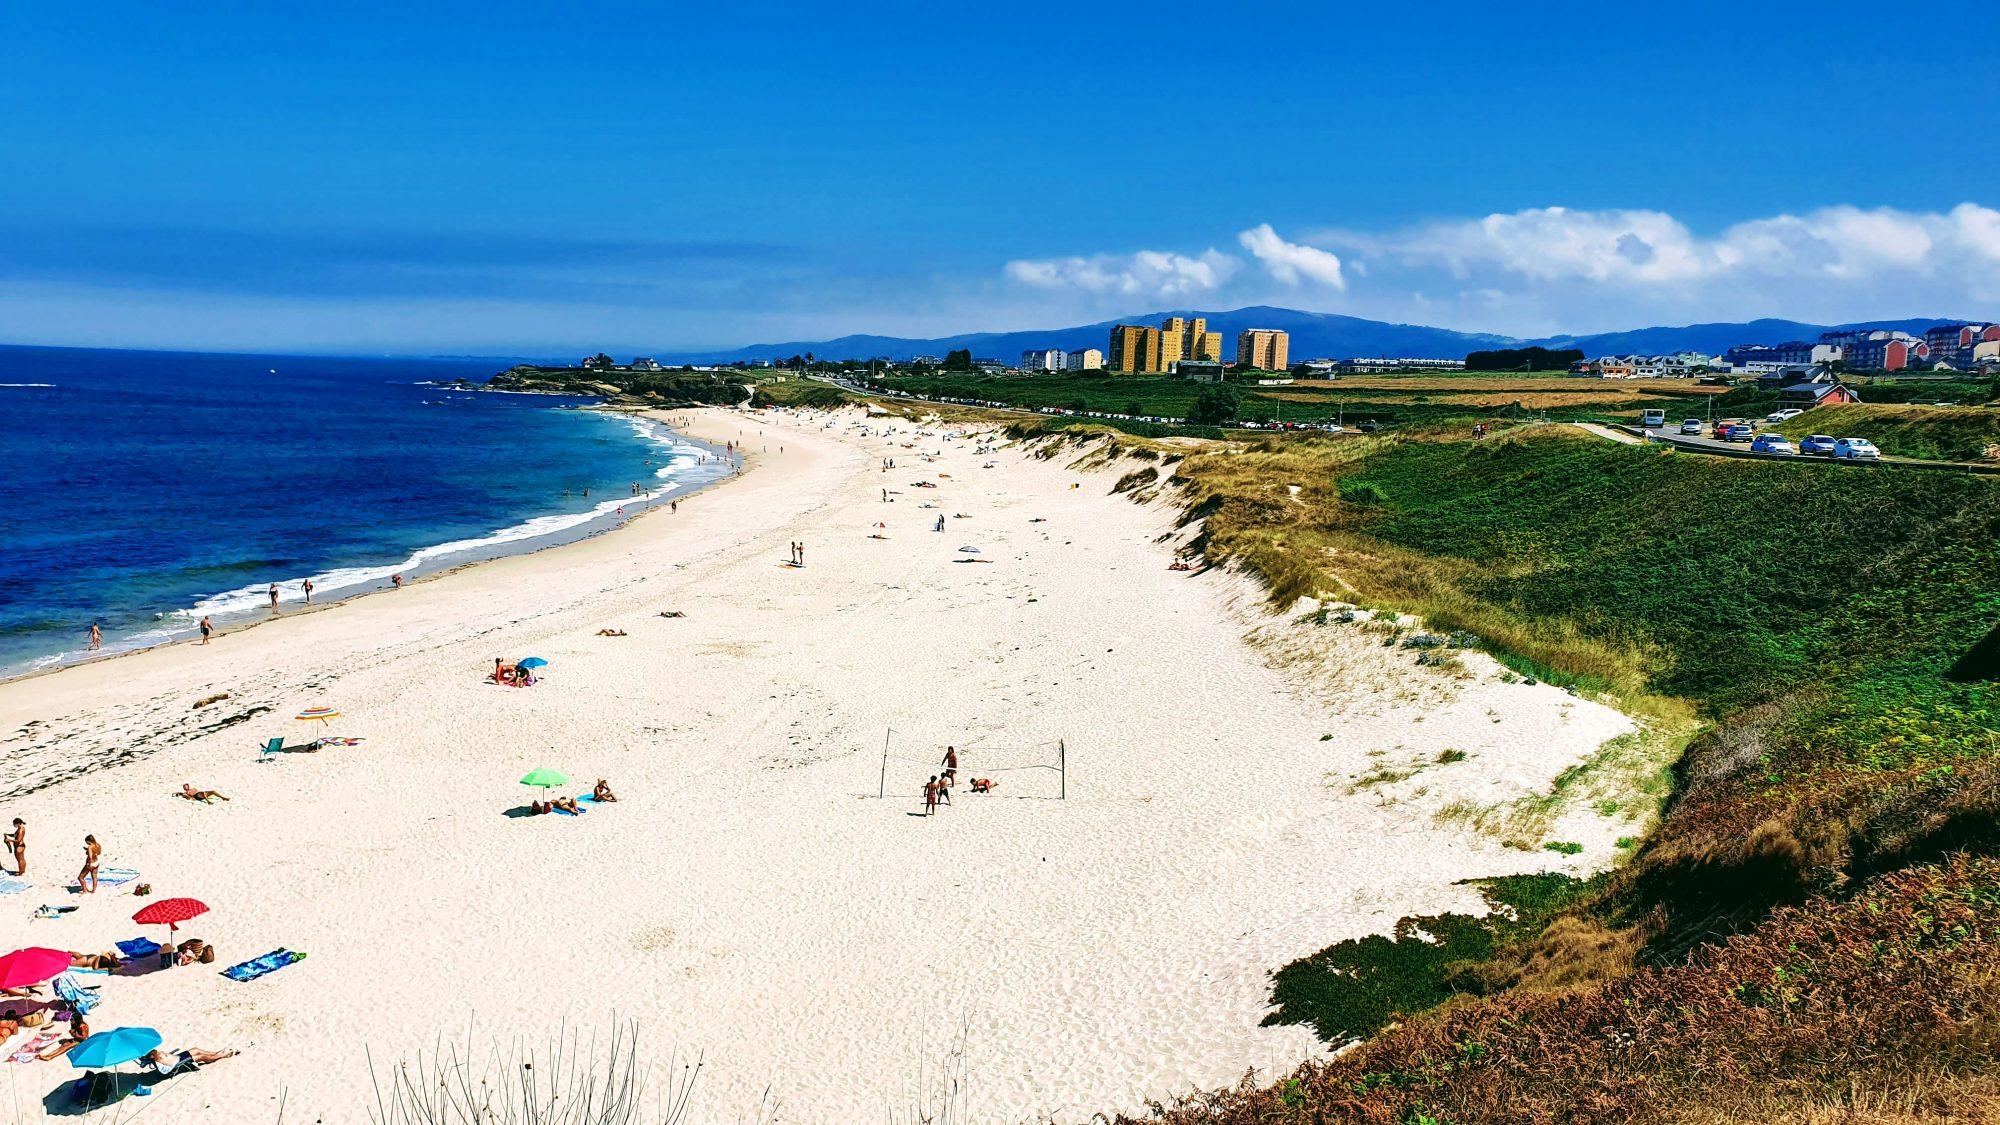 Playas de Foz,